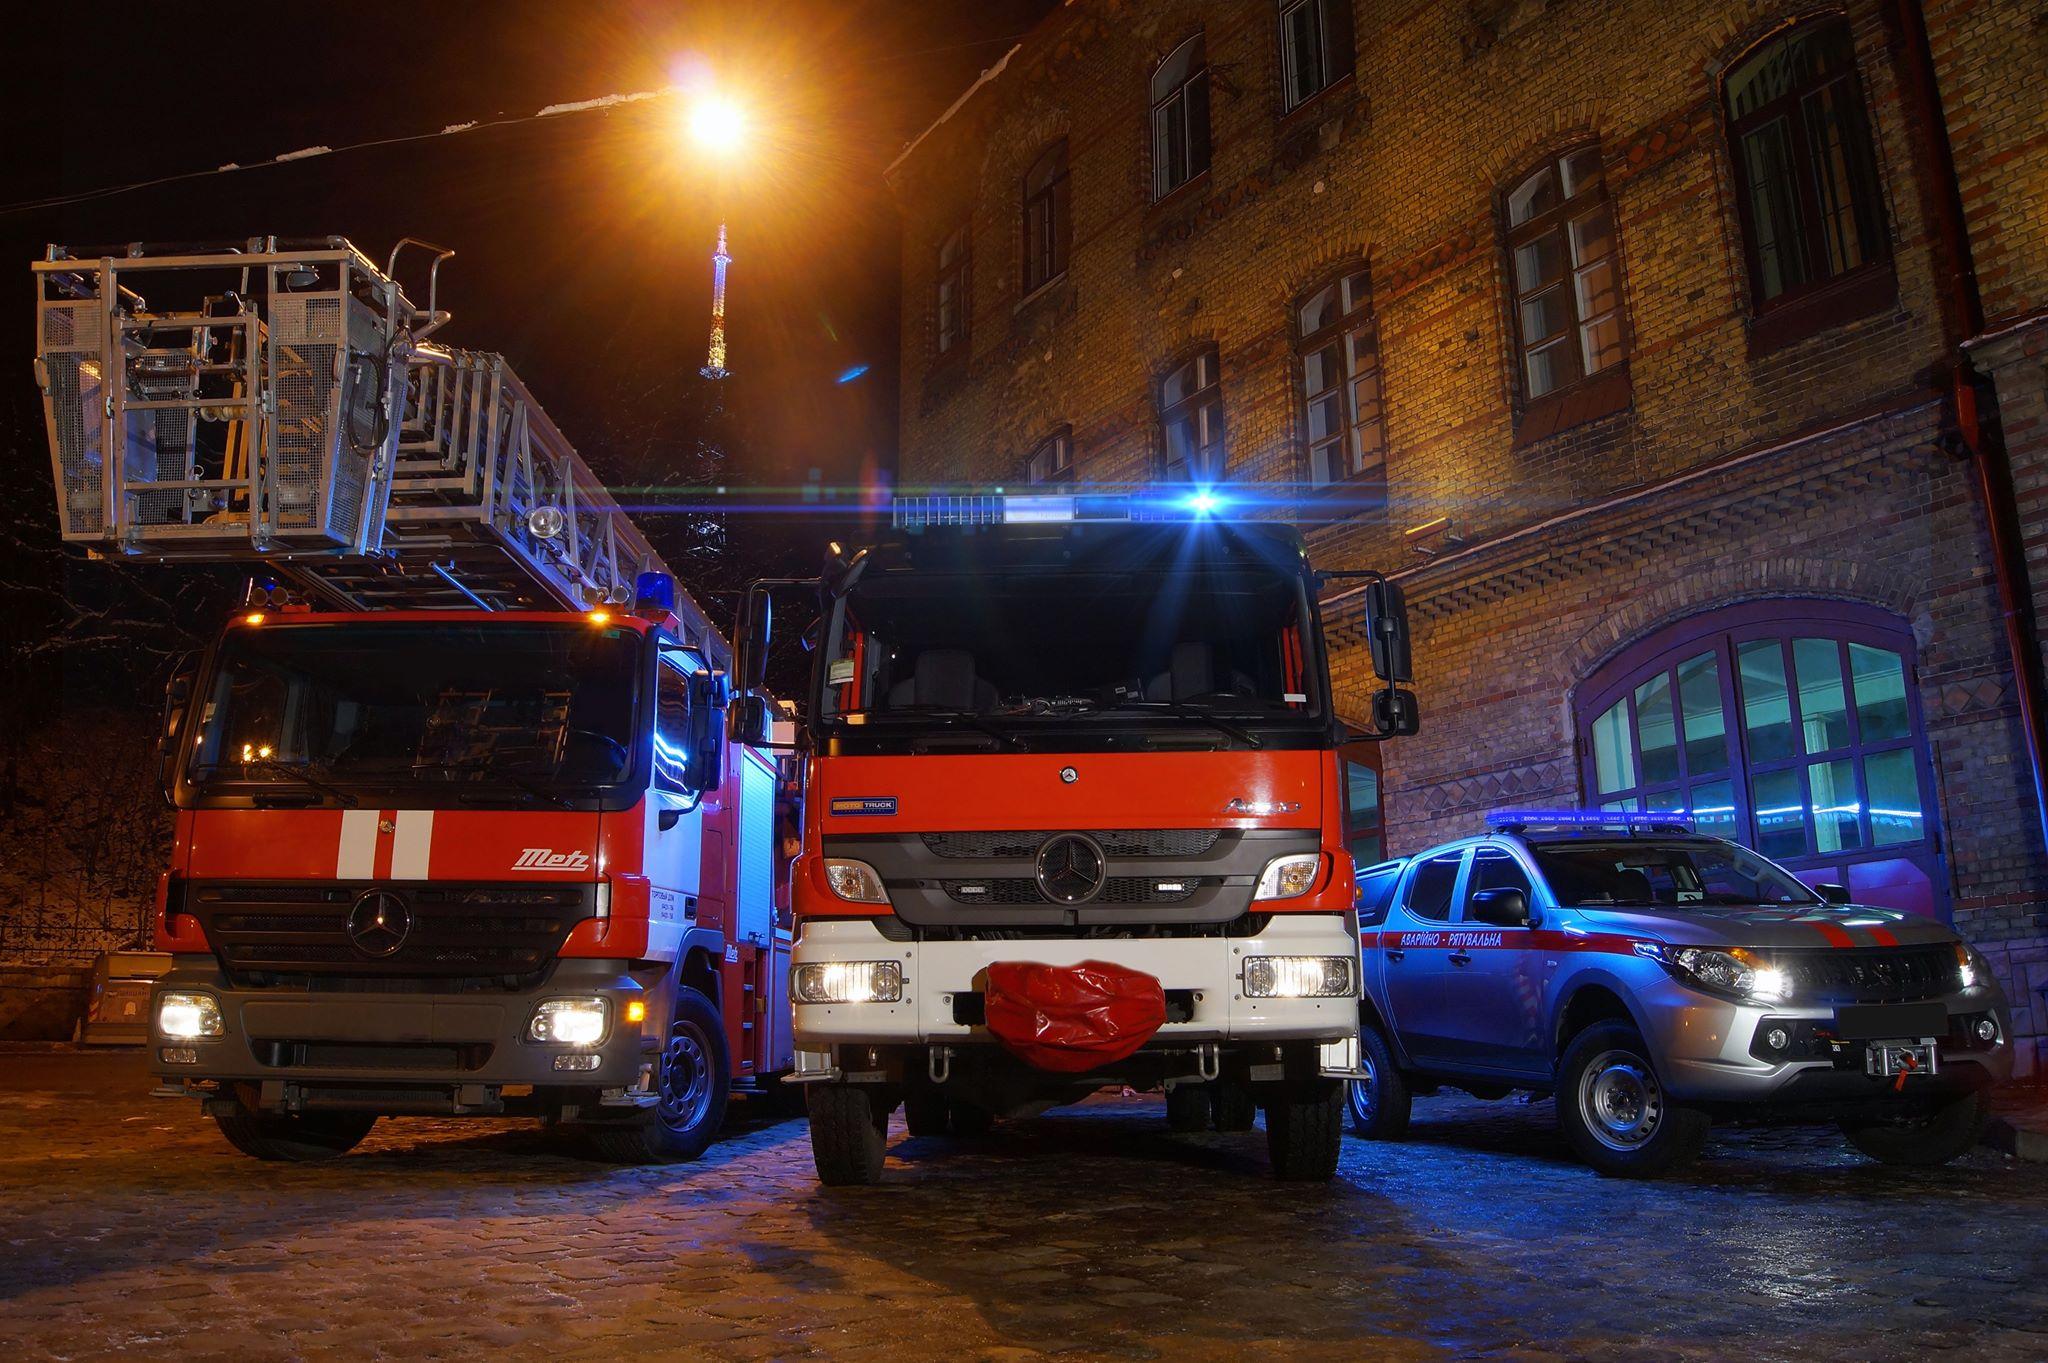 У Червонограді рятувальники надали доступ до помешкання, в якому старша жінка потребувала медичної допомоги